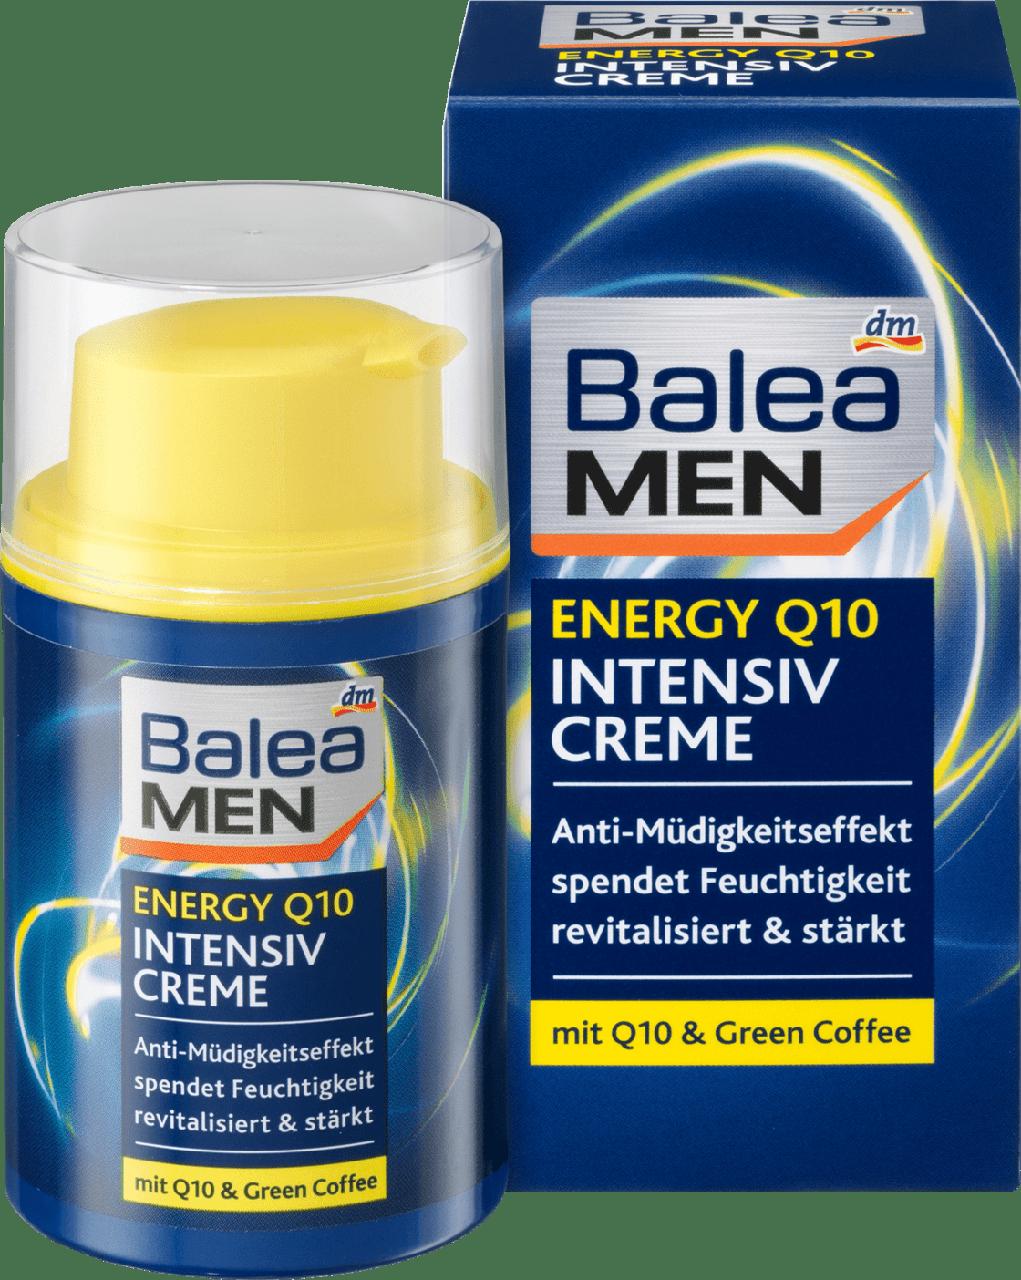 Интенсивный крем для лица Balea men Energy Q10, 50 мл.